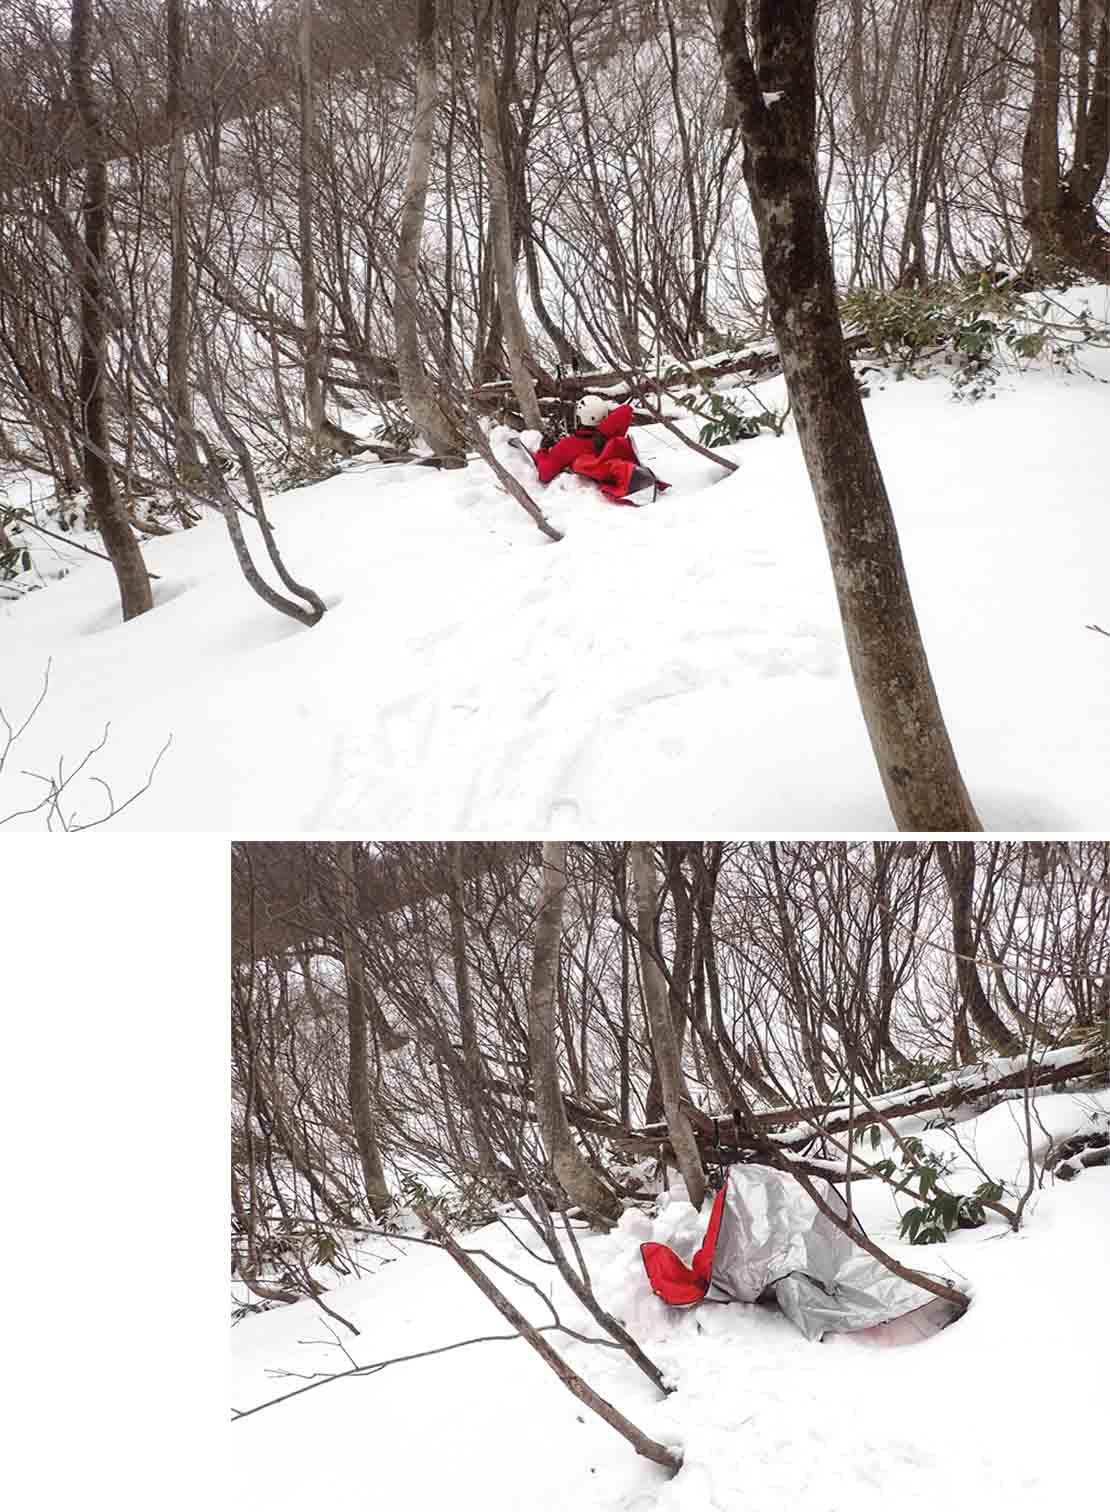 谷川岳雪中訓練 (38)